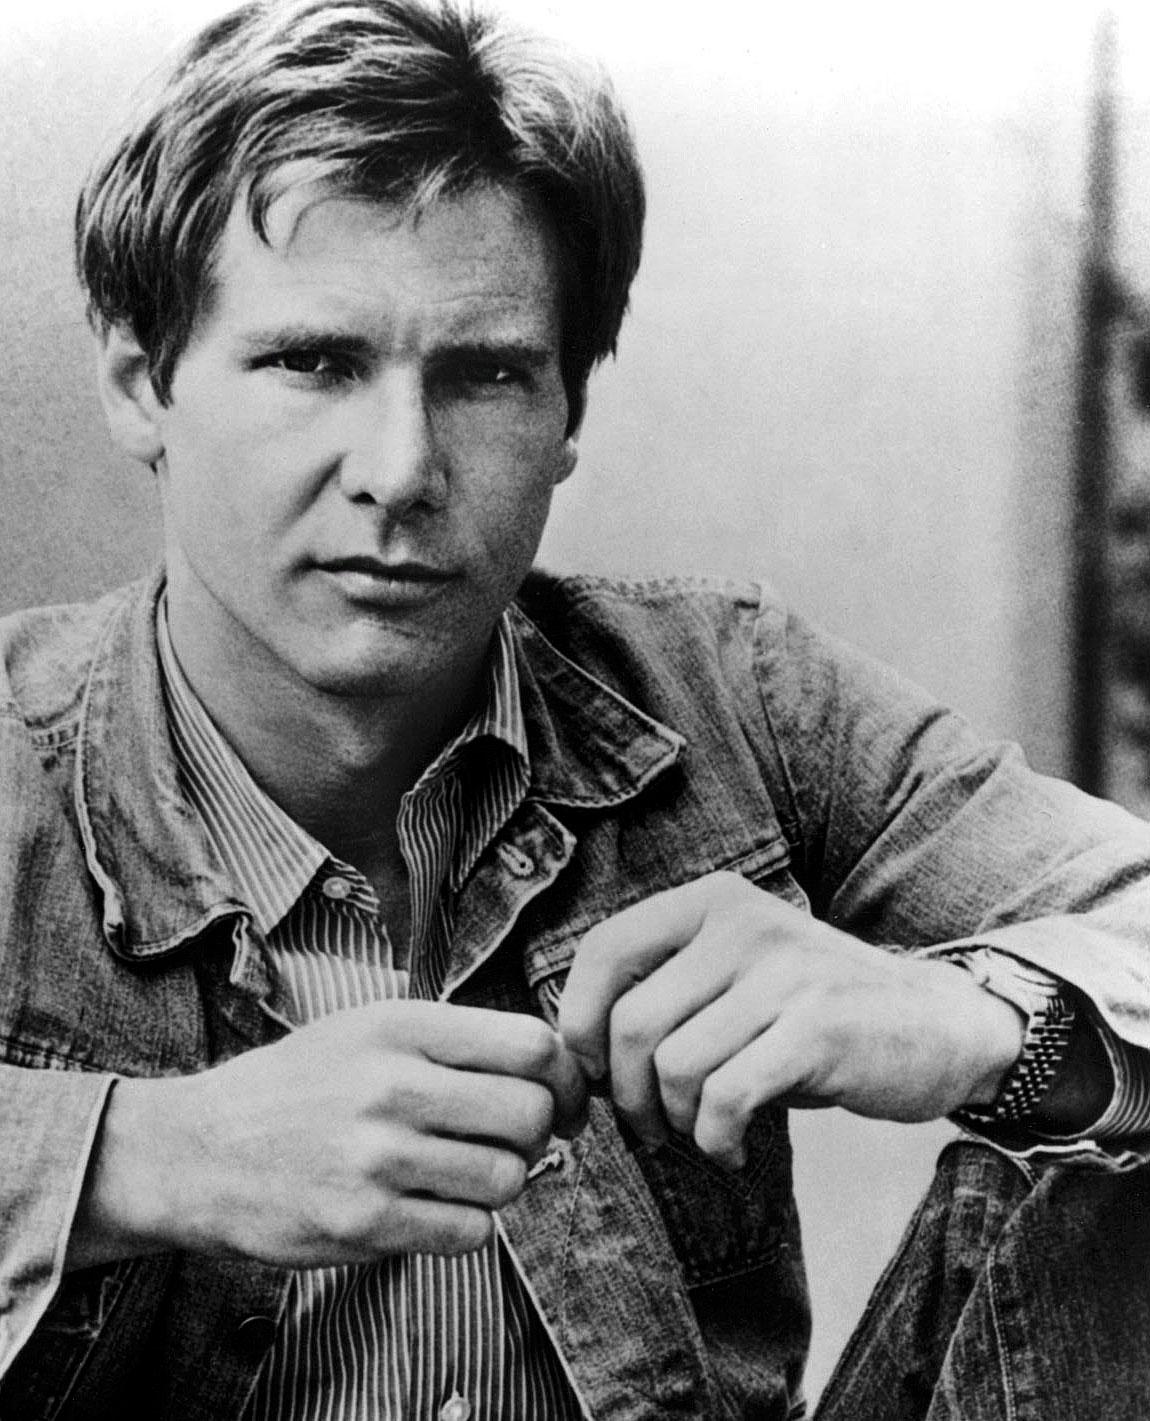 Harrison Ford Wallpaper 8   1150 X 1421 stmednet 1150x1421